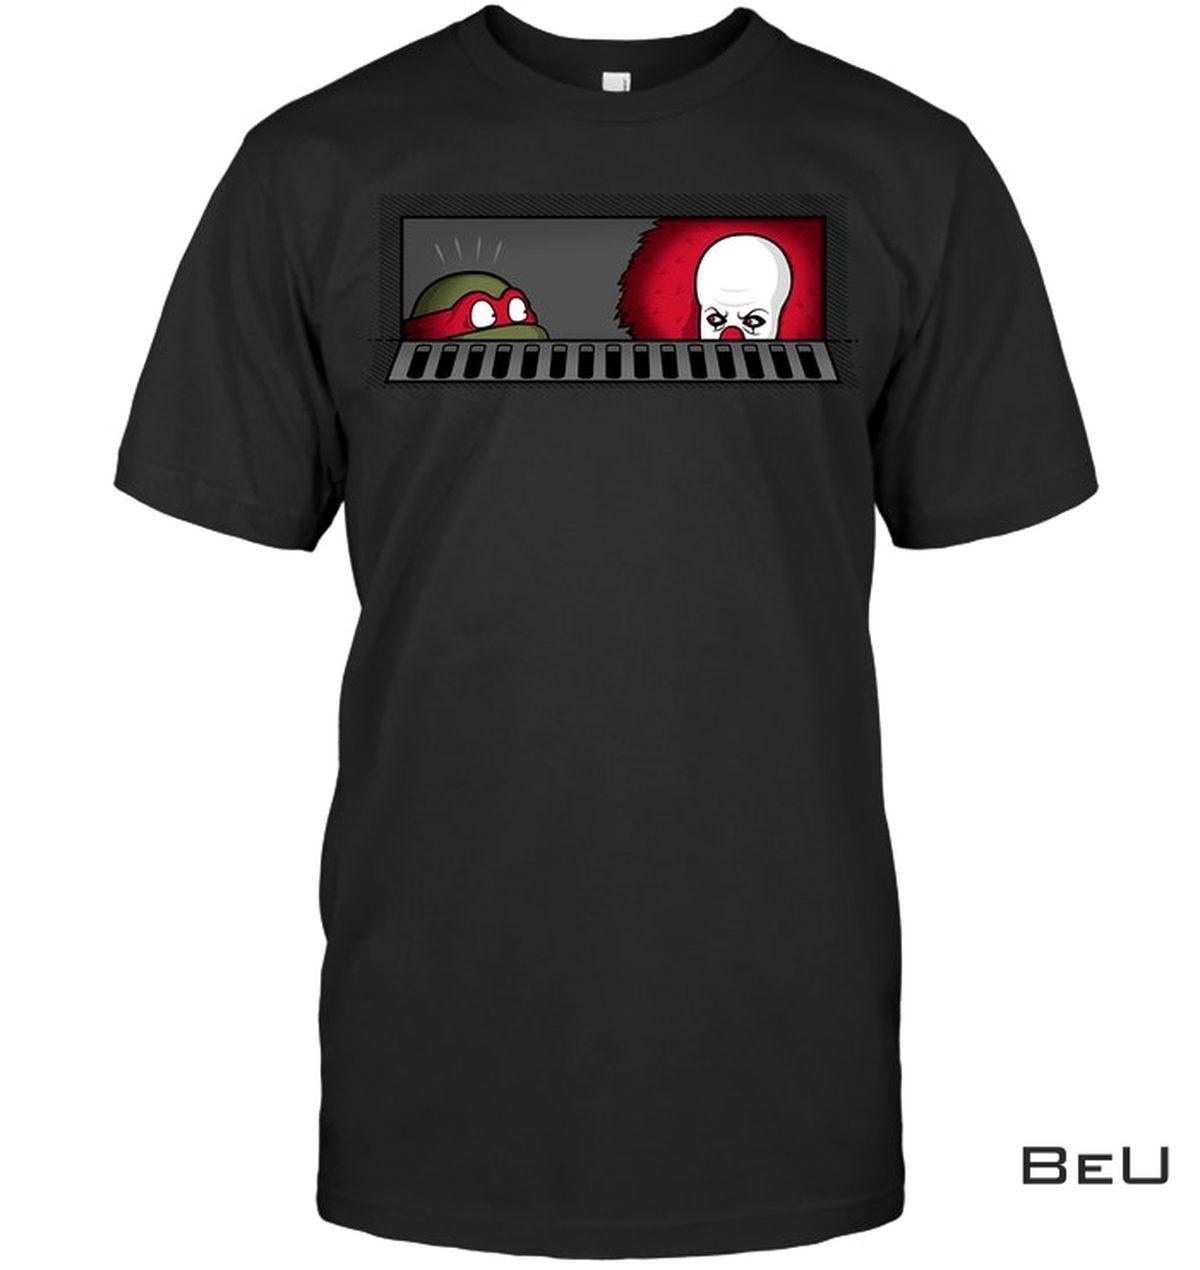 Teenage Mutant Ninja Turtles Pennywise Shirt